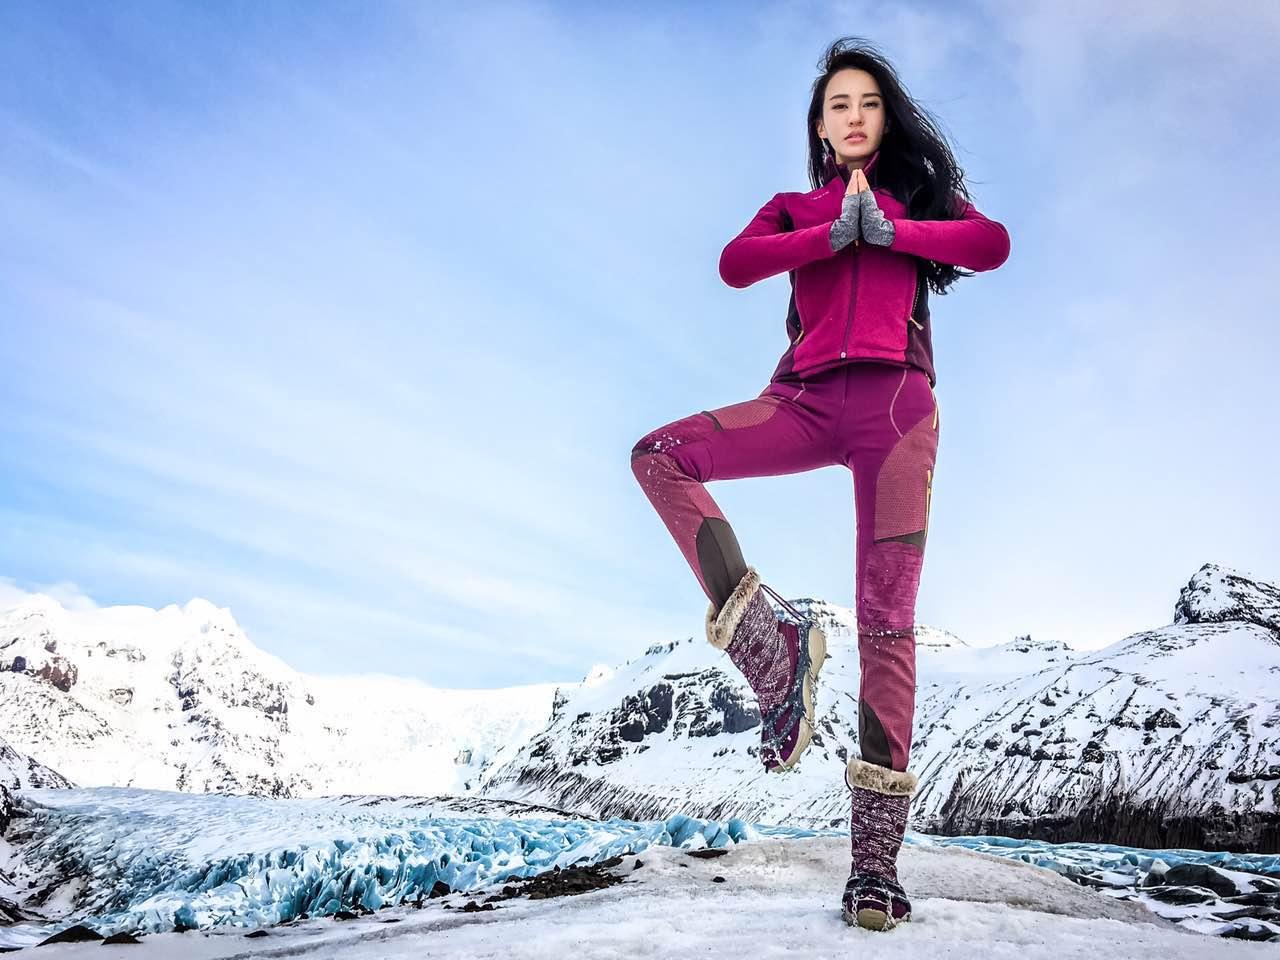 母其弥雅展示雪地运动风 瑜伽女神变冰雪女王